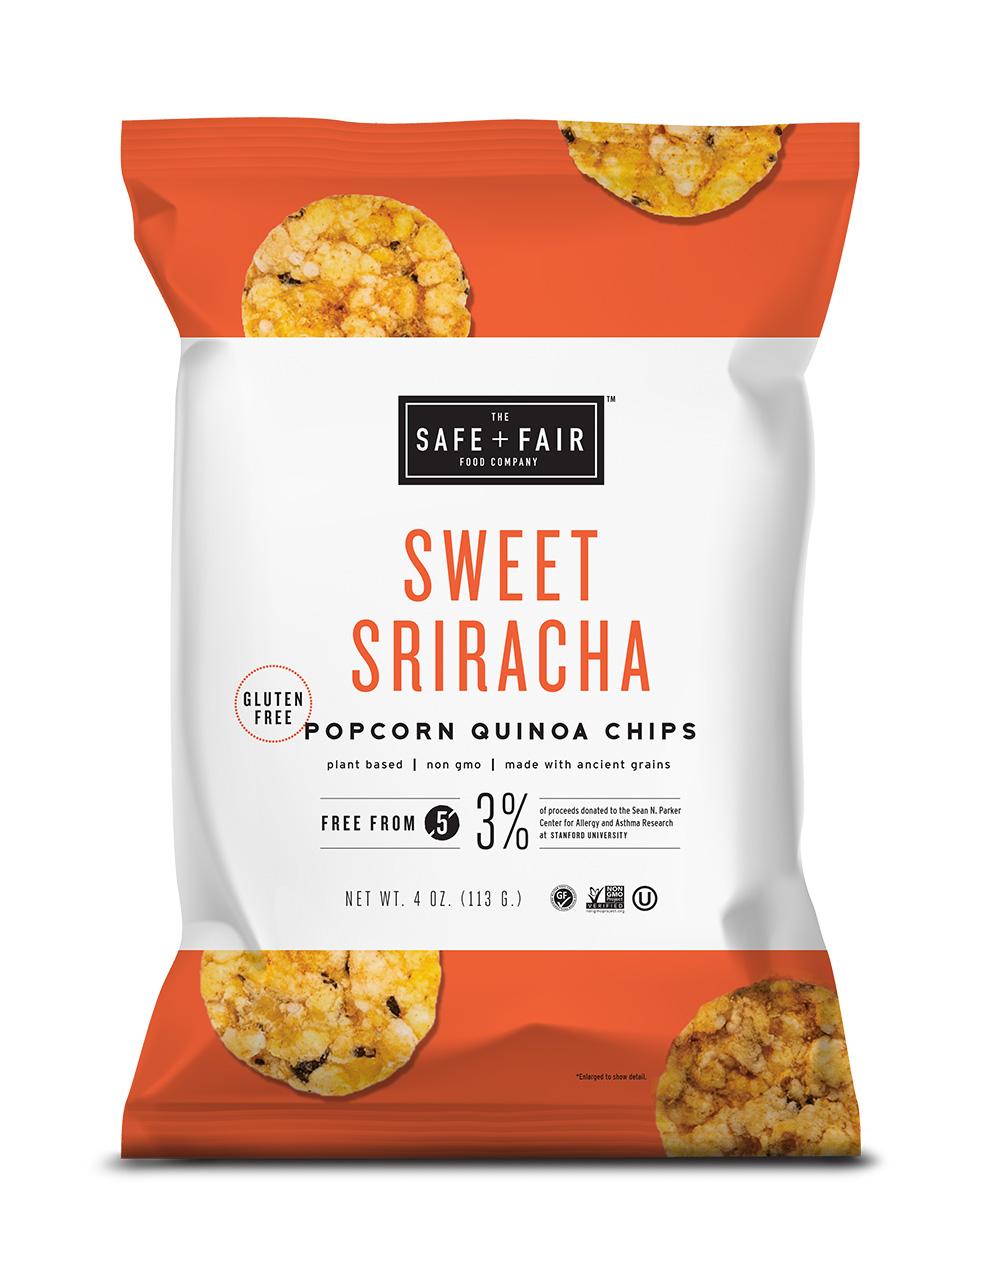 Sweet Sriracha